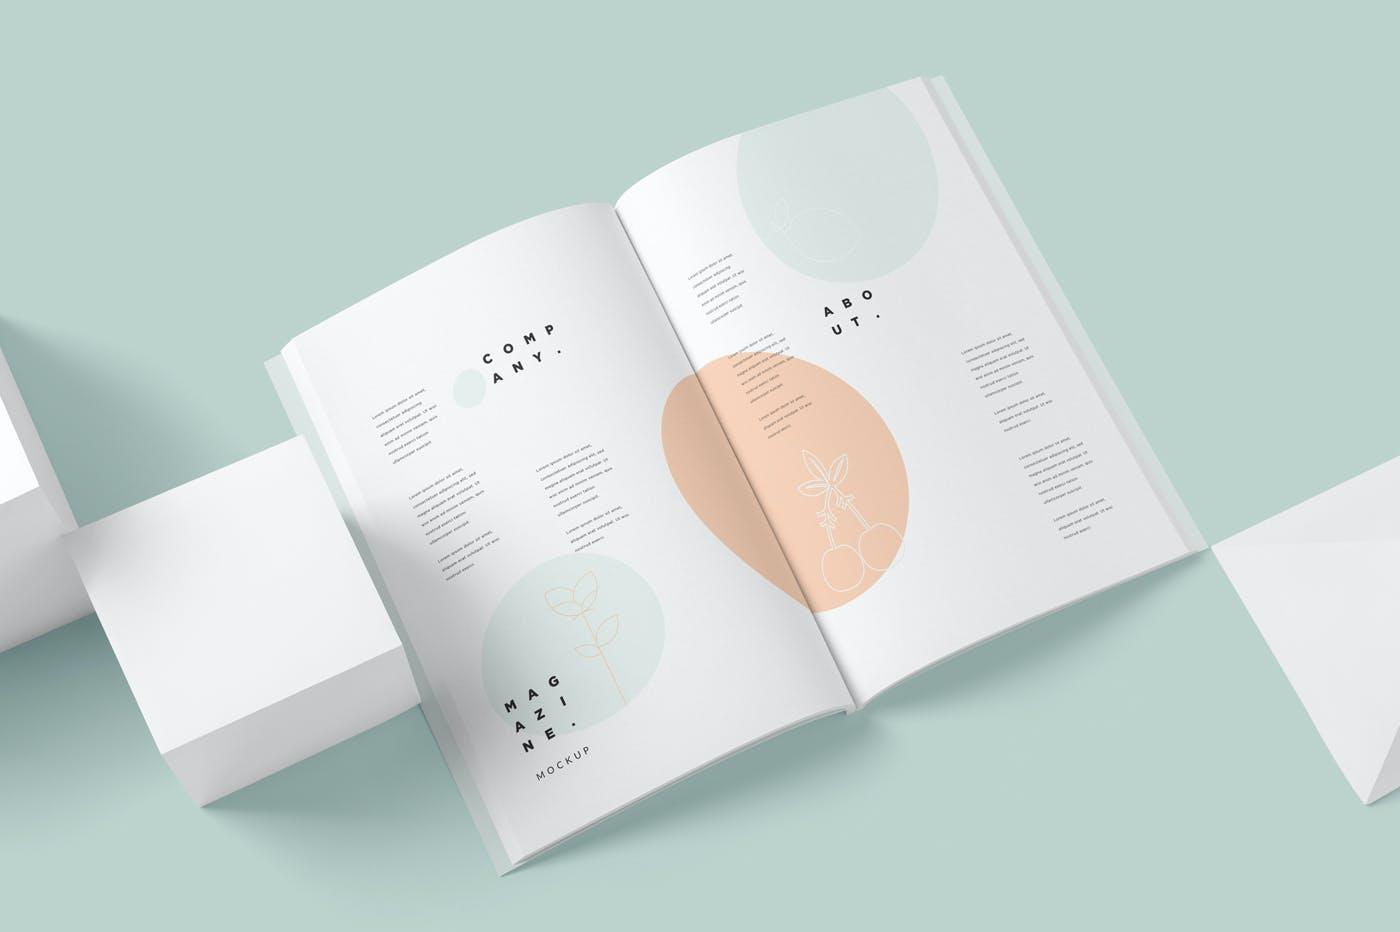 企业手册杂志模型集素材模版下载ZB9YQ2M插图(5)